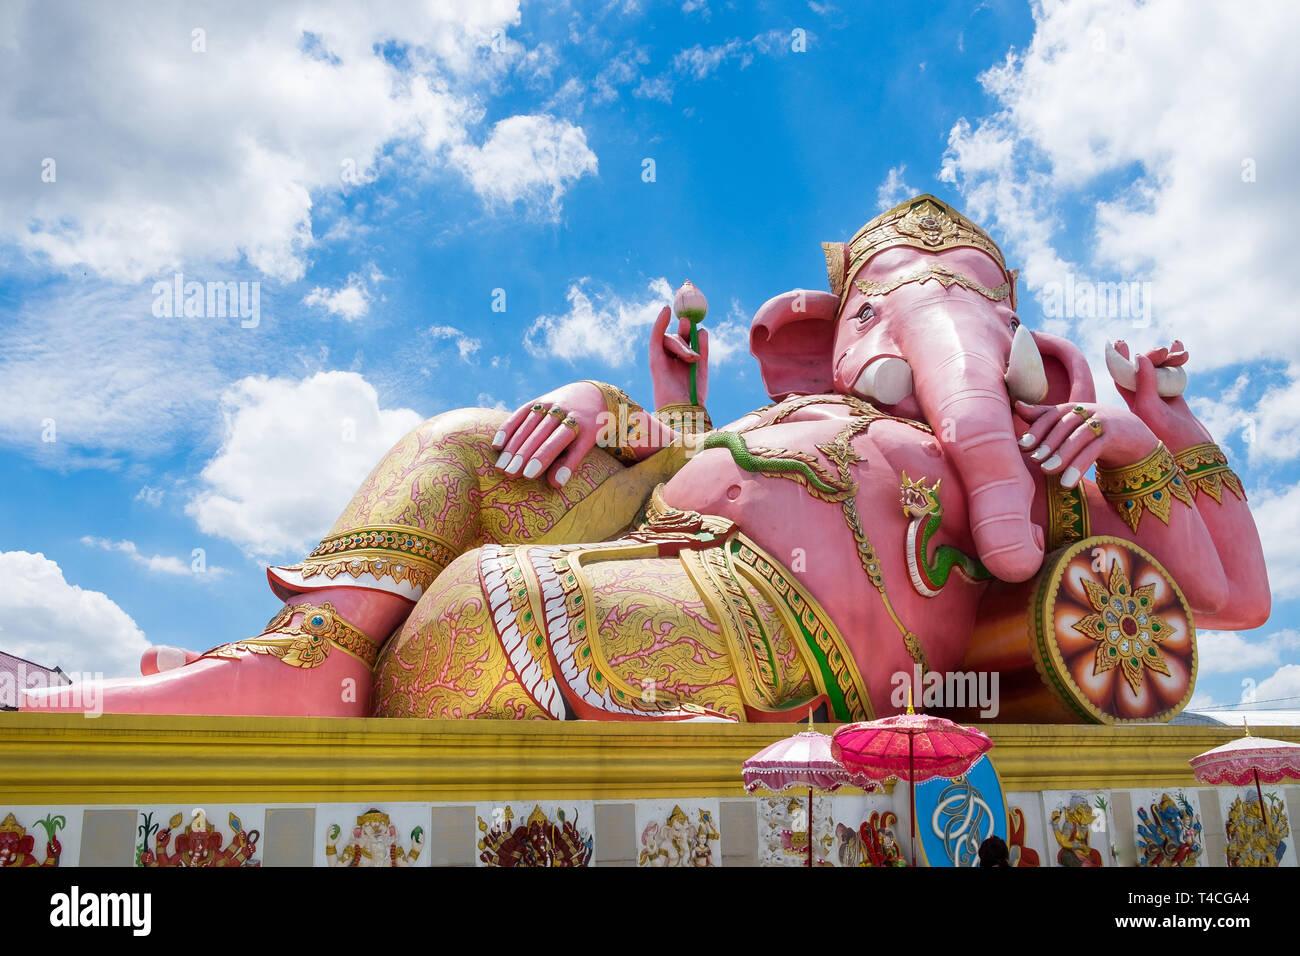 Lord ganesh big statue pink sleep at wat saman temple,chachoengsao,thailand - Stock Image